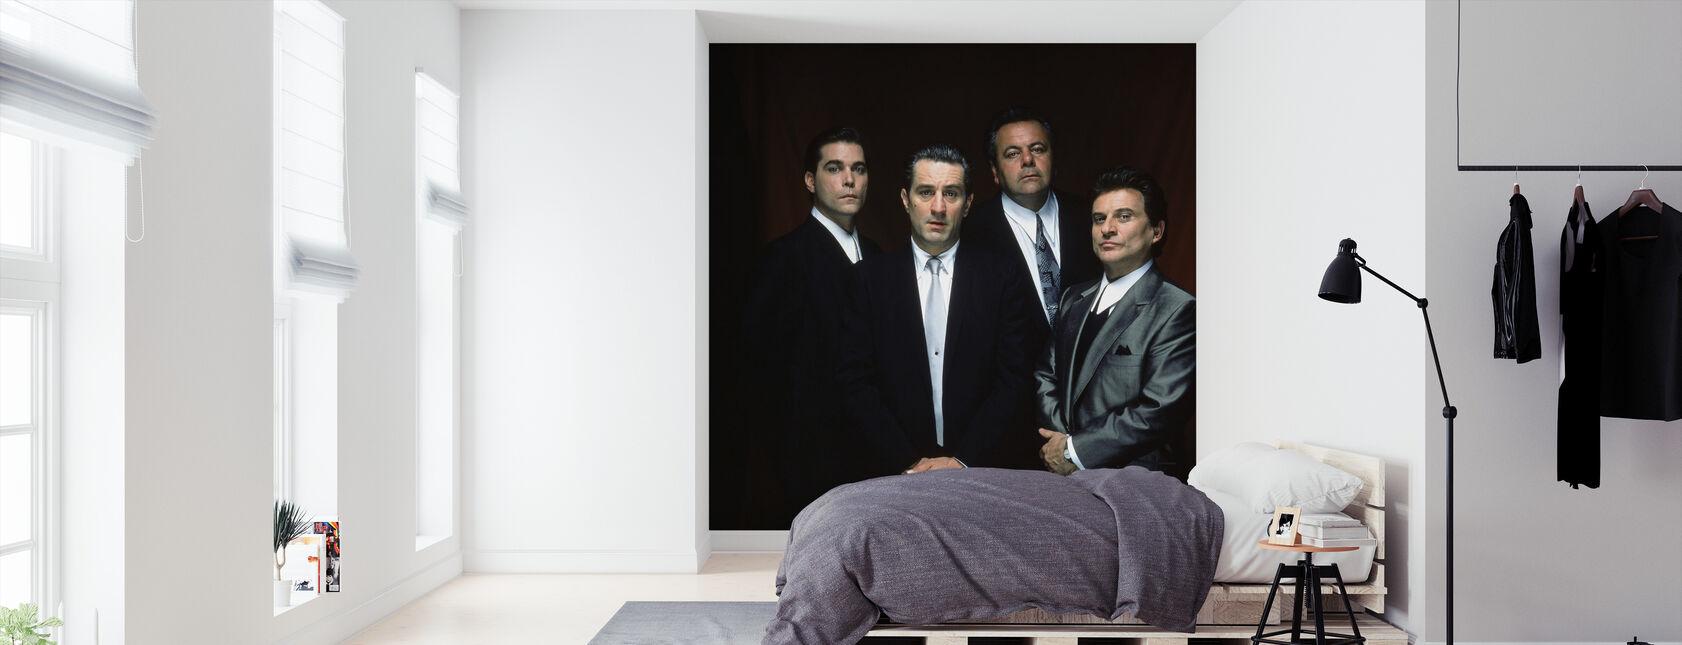 Goodfellas - Robert De Niro - Wallpaper - Bedroom